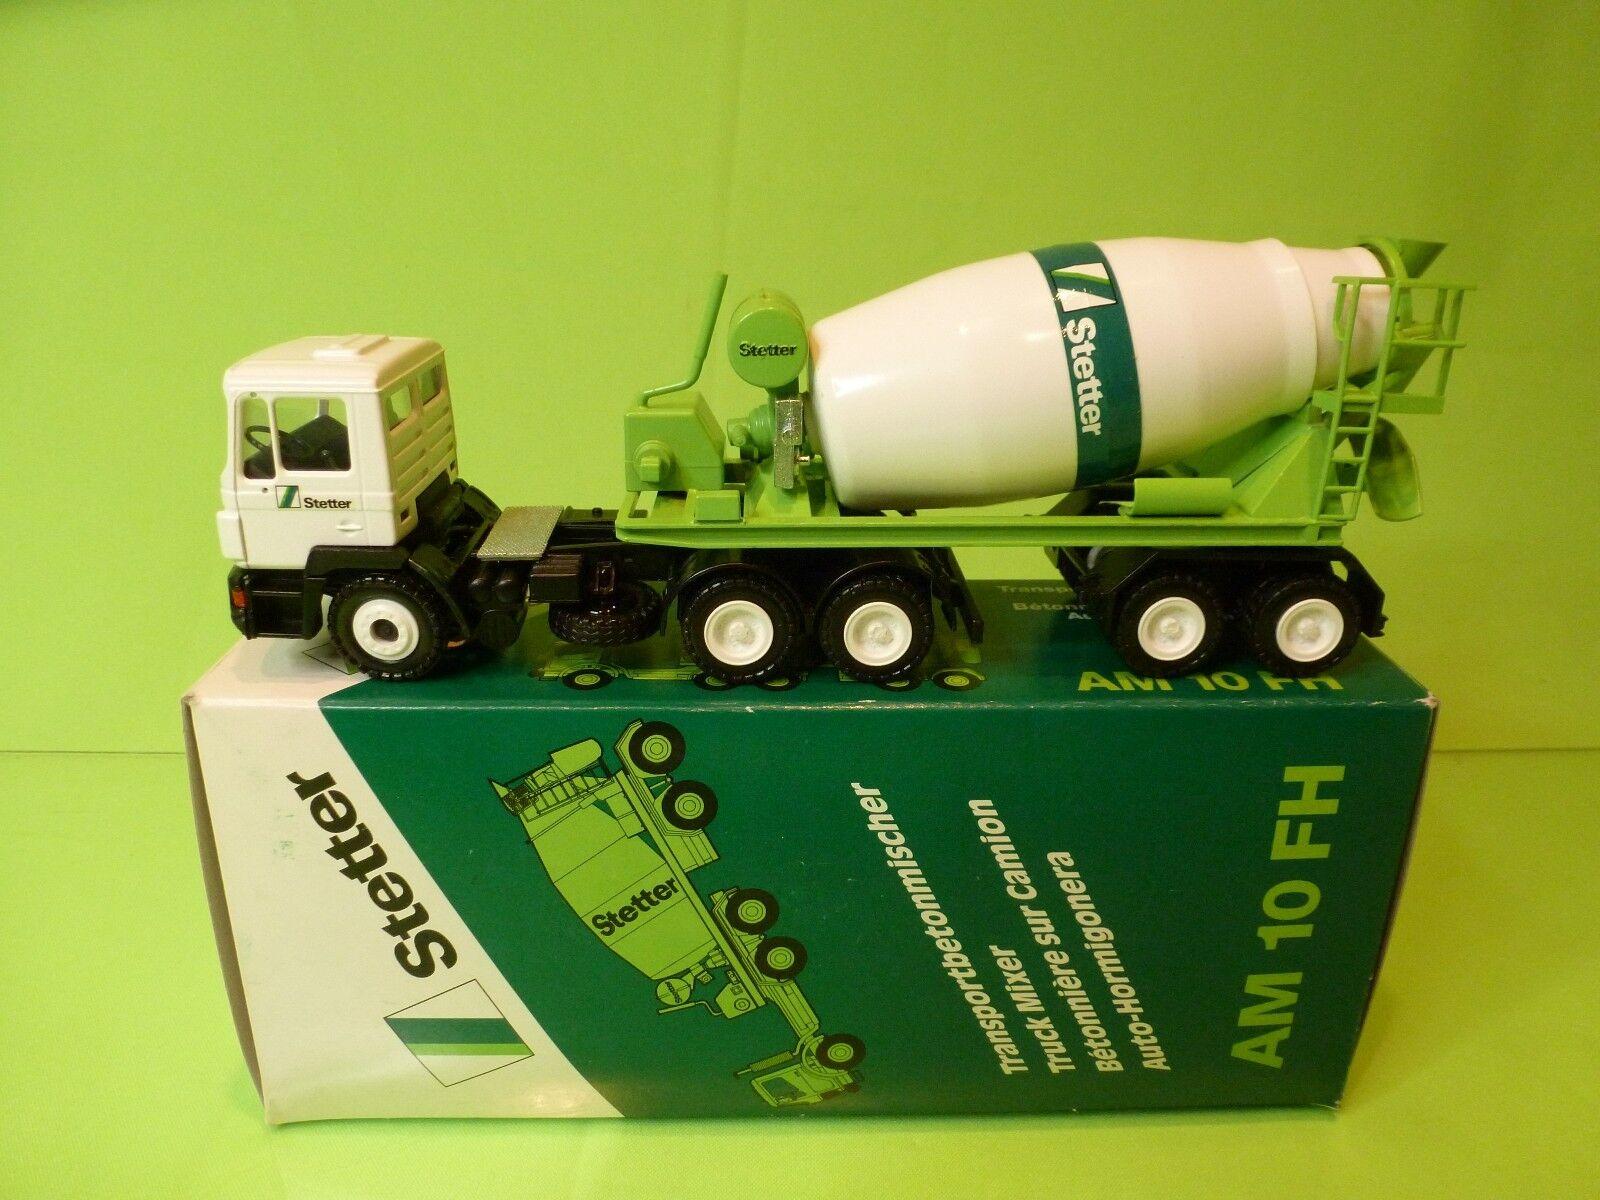 CONRAD 4150 STETTER TRUCK MIXER AM 10 FH - TRANSPORT BETONMISCHER - NMIB